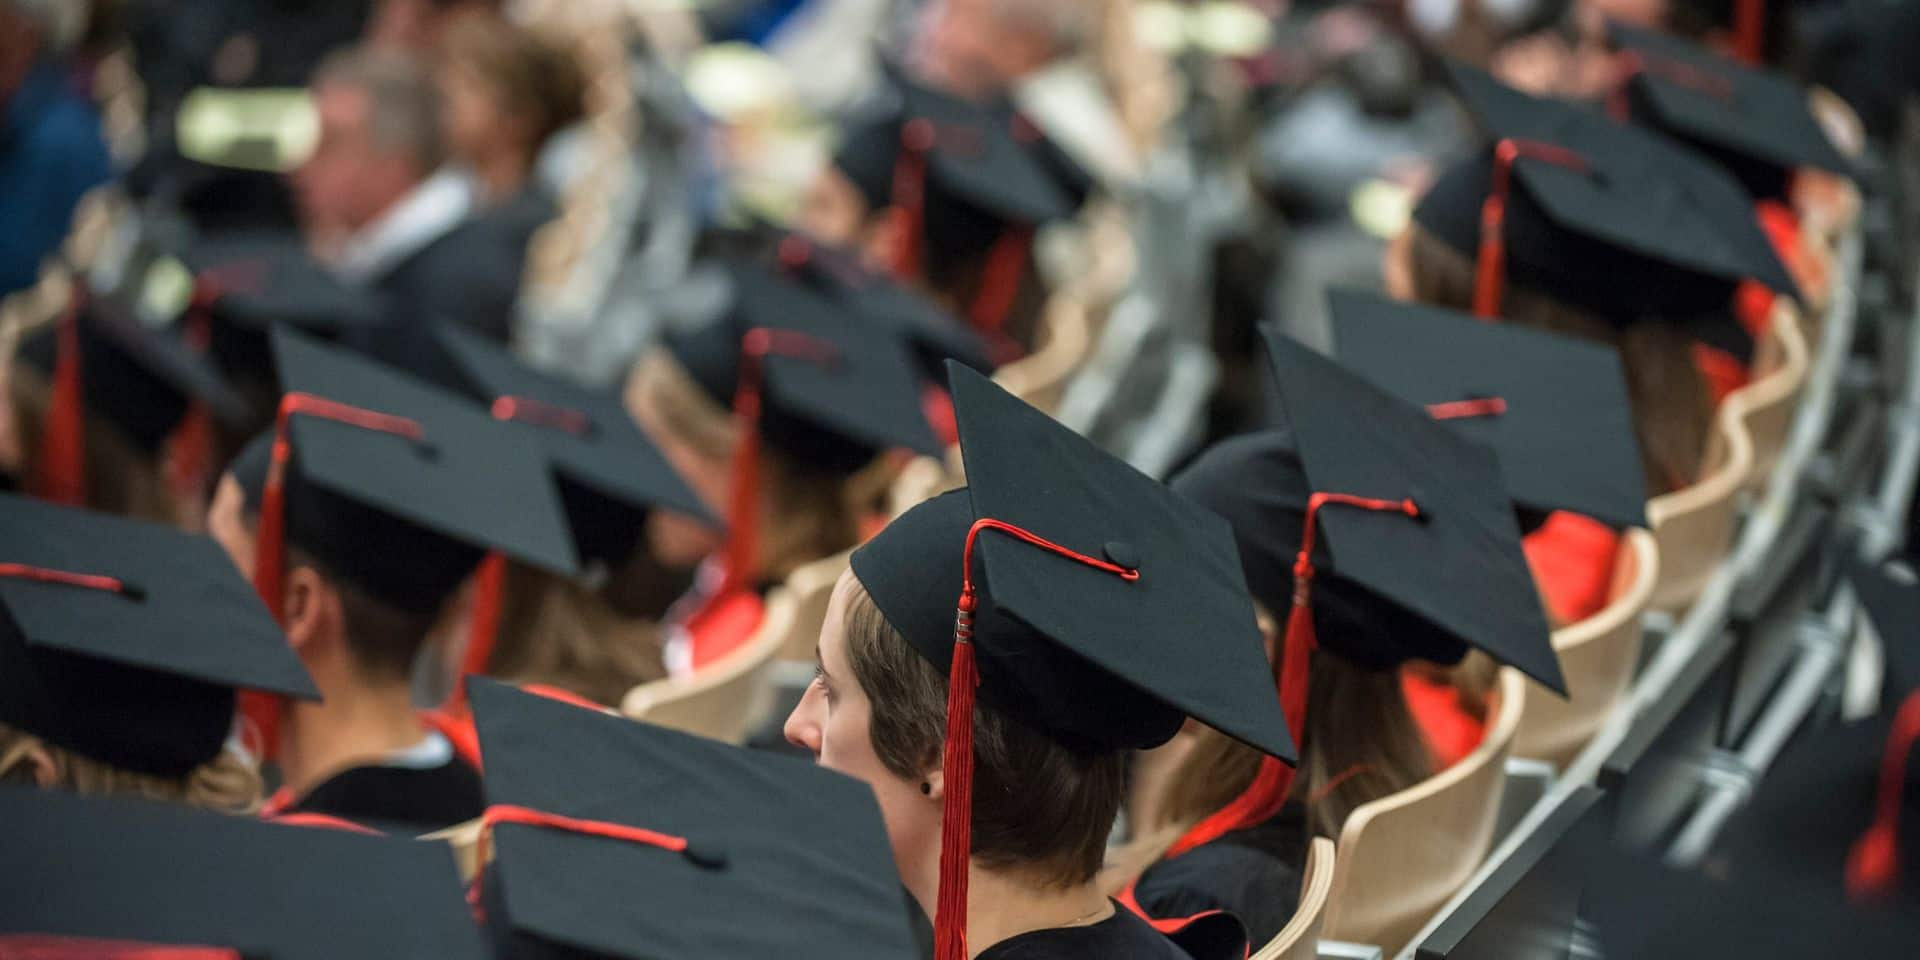 Y a-t-il trop de logopèdes diplômés? L'idée d'un numerus clausus est dans l'air...